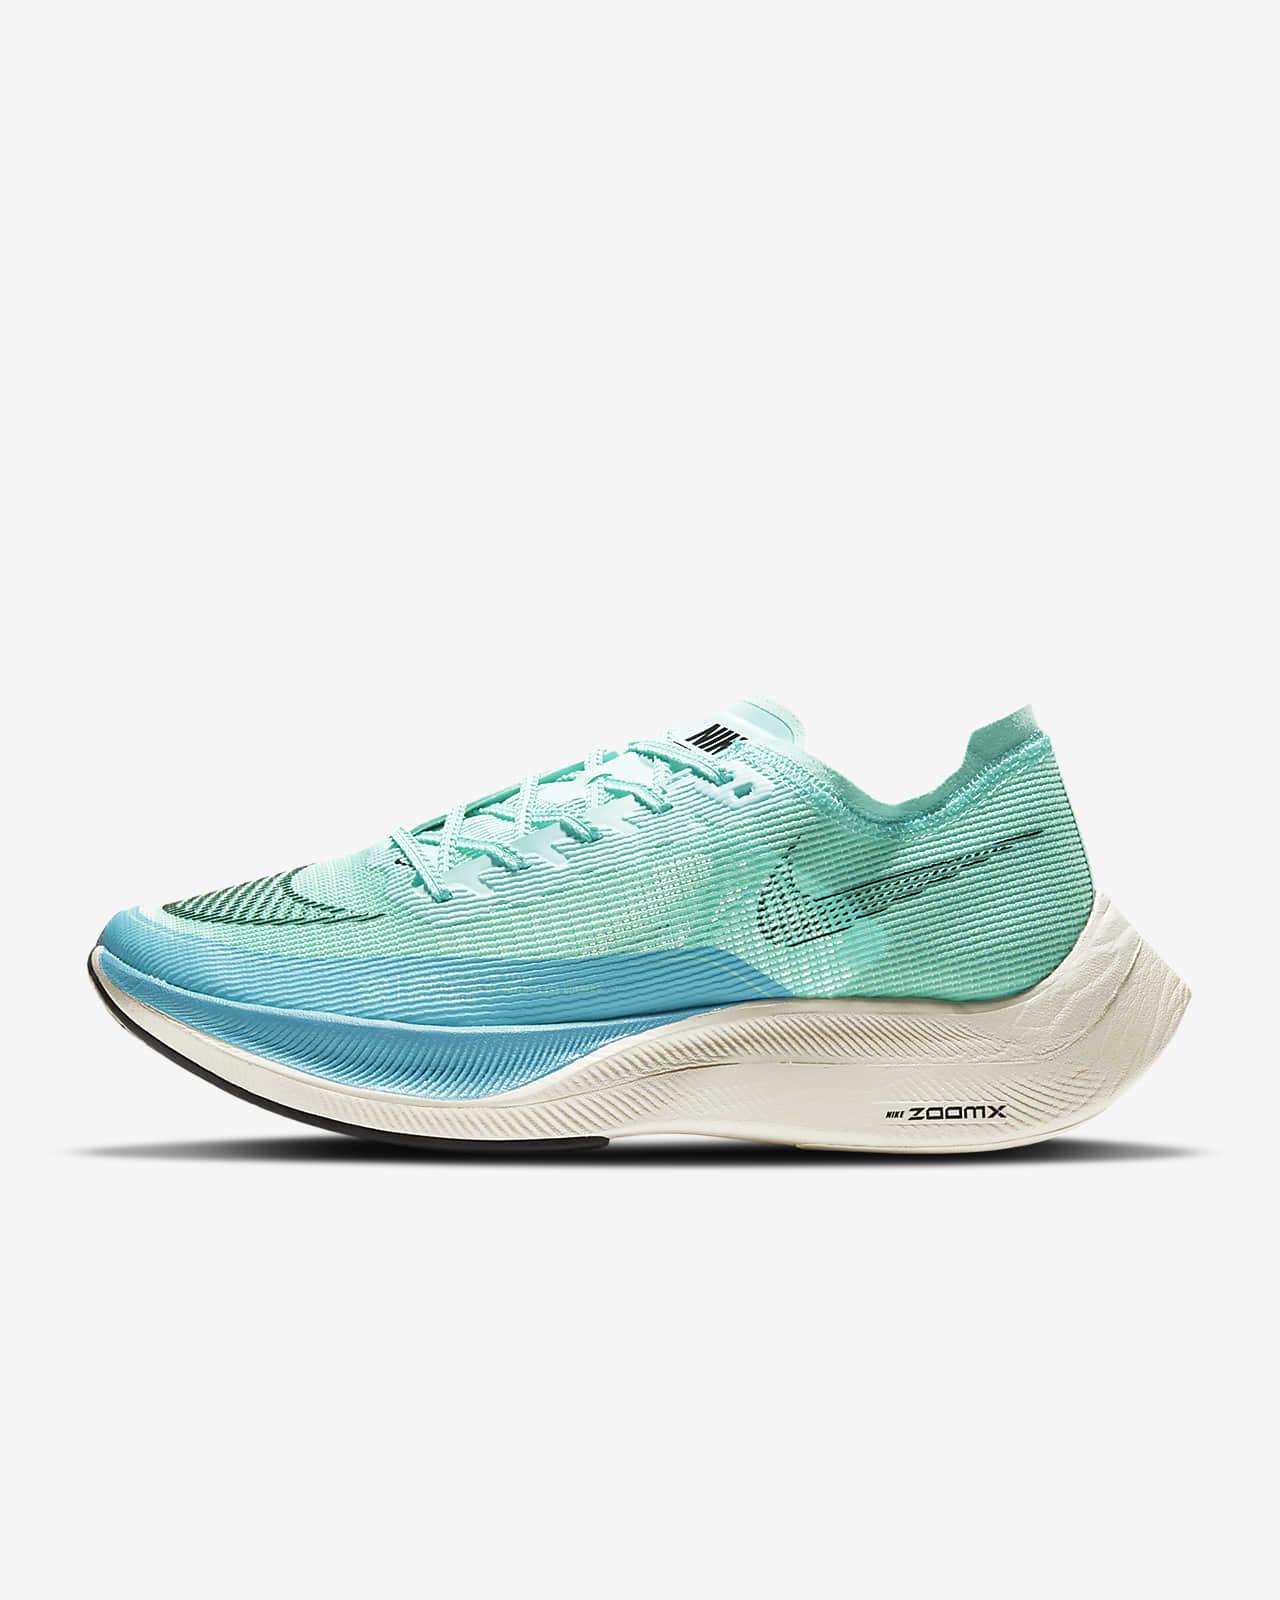 Nike ZoomX Vaporfly Next% 2 男子跑步鞋